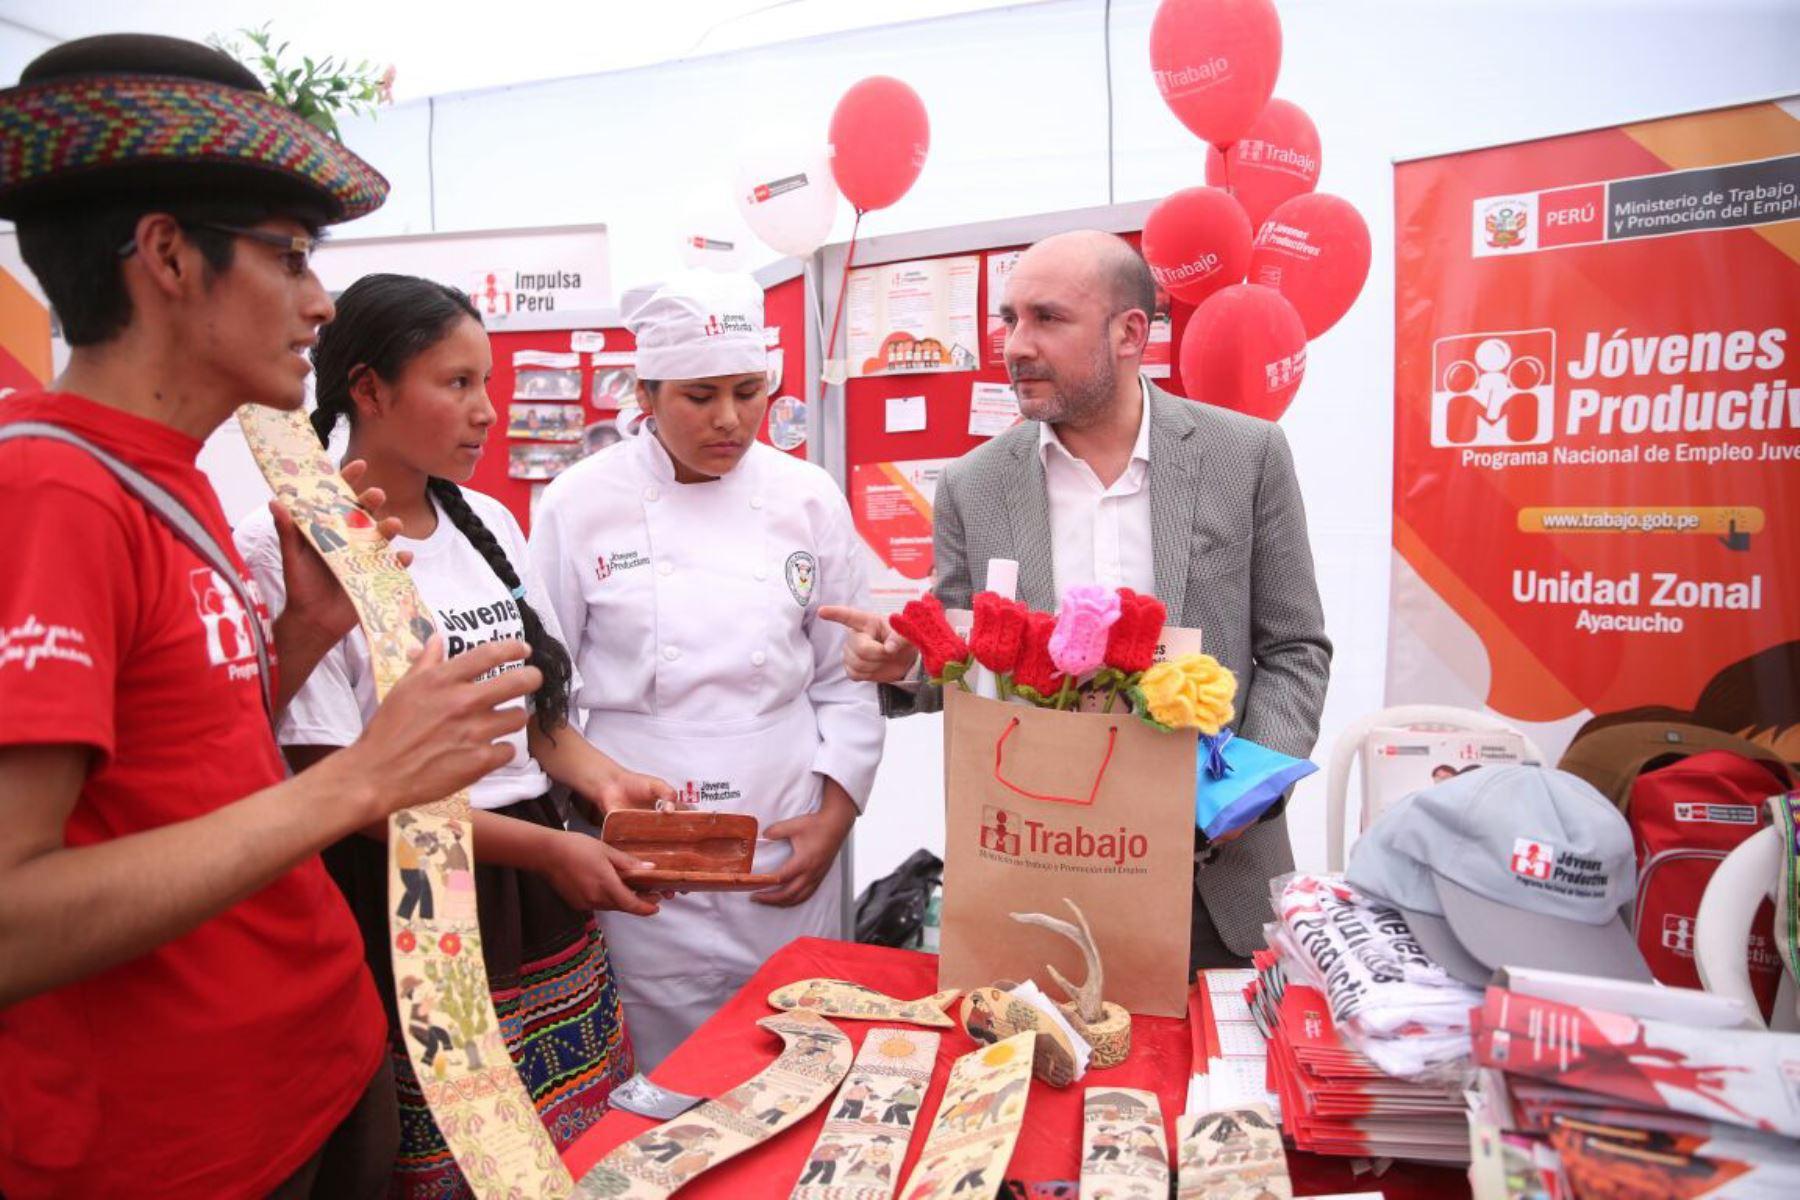 El ministro de Trabajo y Promoción del Empleo, Christian Sánchez, inauguró la Semana del Empleo en Ayacucho.